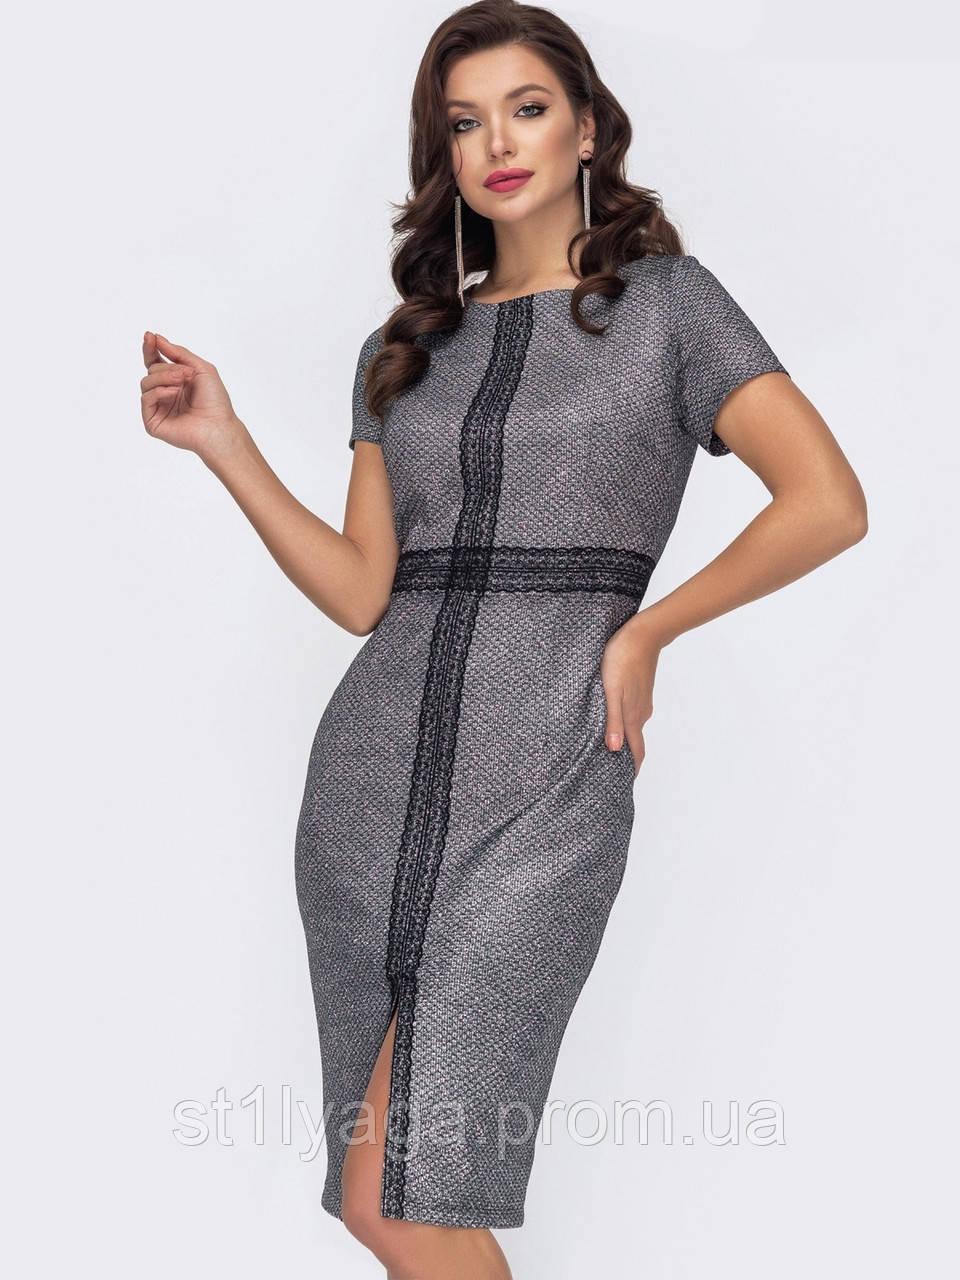 Серое платье-футляр из трикотажа люрекс и разрезом спереди